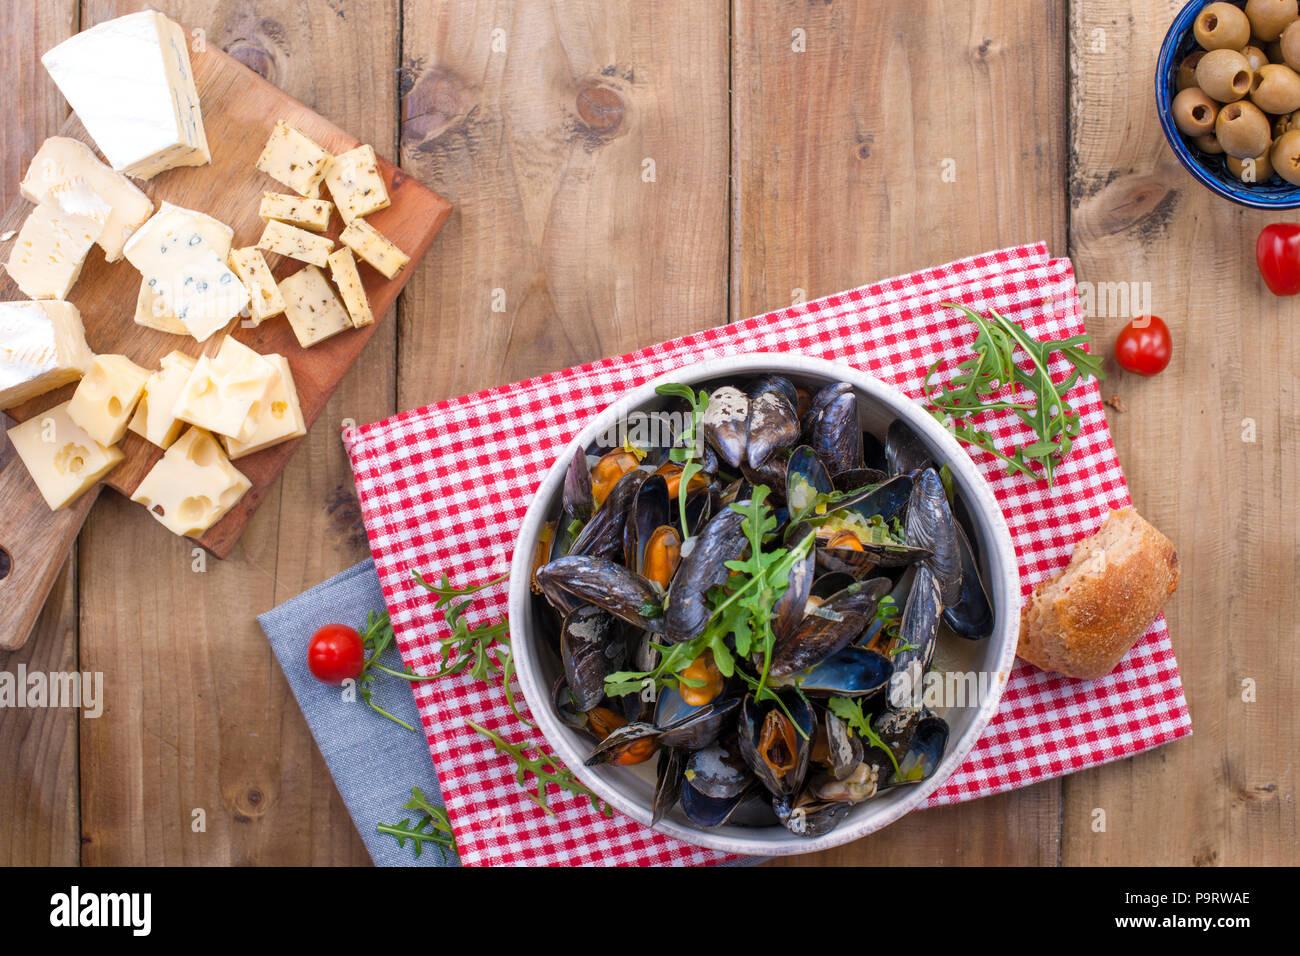 Müsli in einem weißen Keramik Schüssel, auf einem roten Serviette. Käse auf einem Holzbrett und einem Glas Wein und Oliven. Auf einer hölzernen Hintergrund. Freier Platz für Text oder Werbung Stockbild